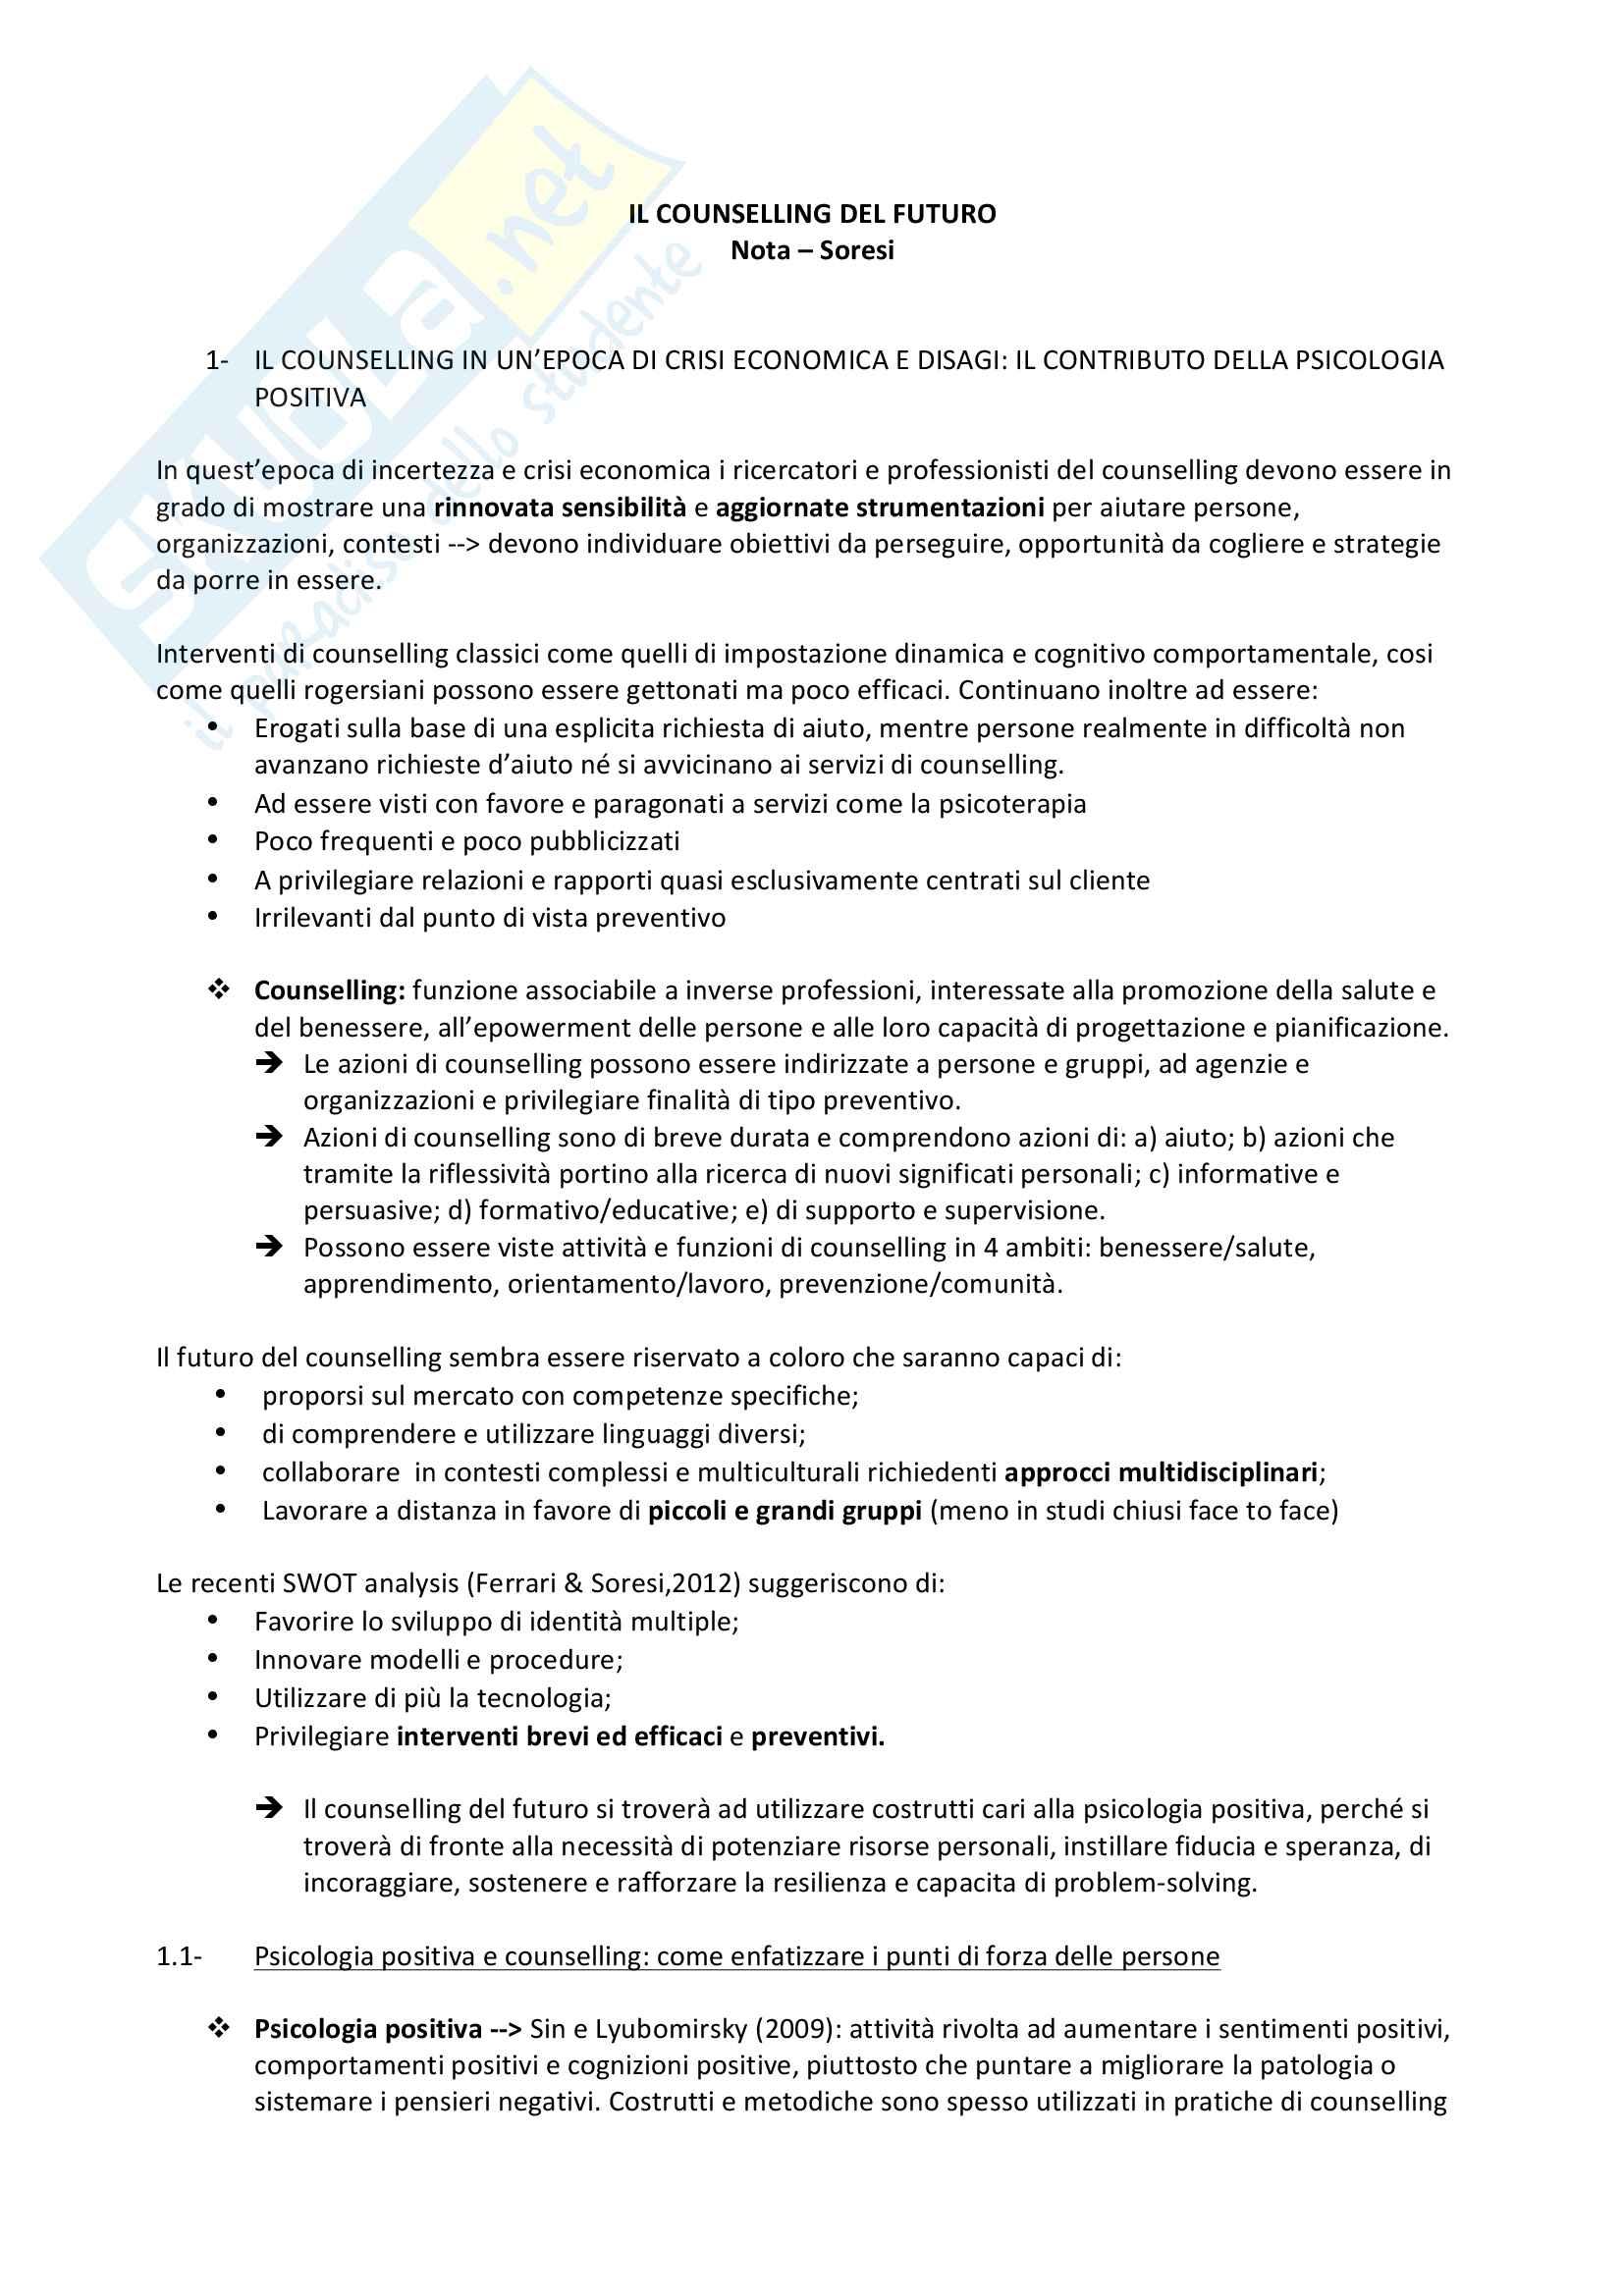 Riassunto esame Progettazione professionale e career counselling, testo consigliato Il counselling del futuro, Nota Soresi